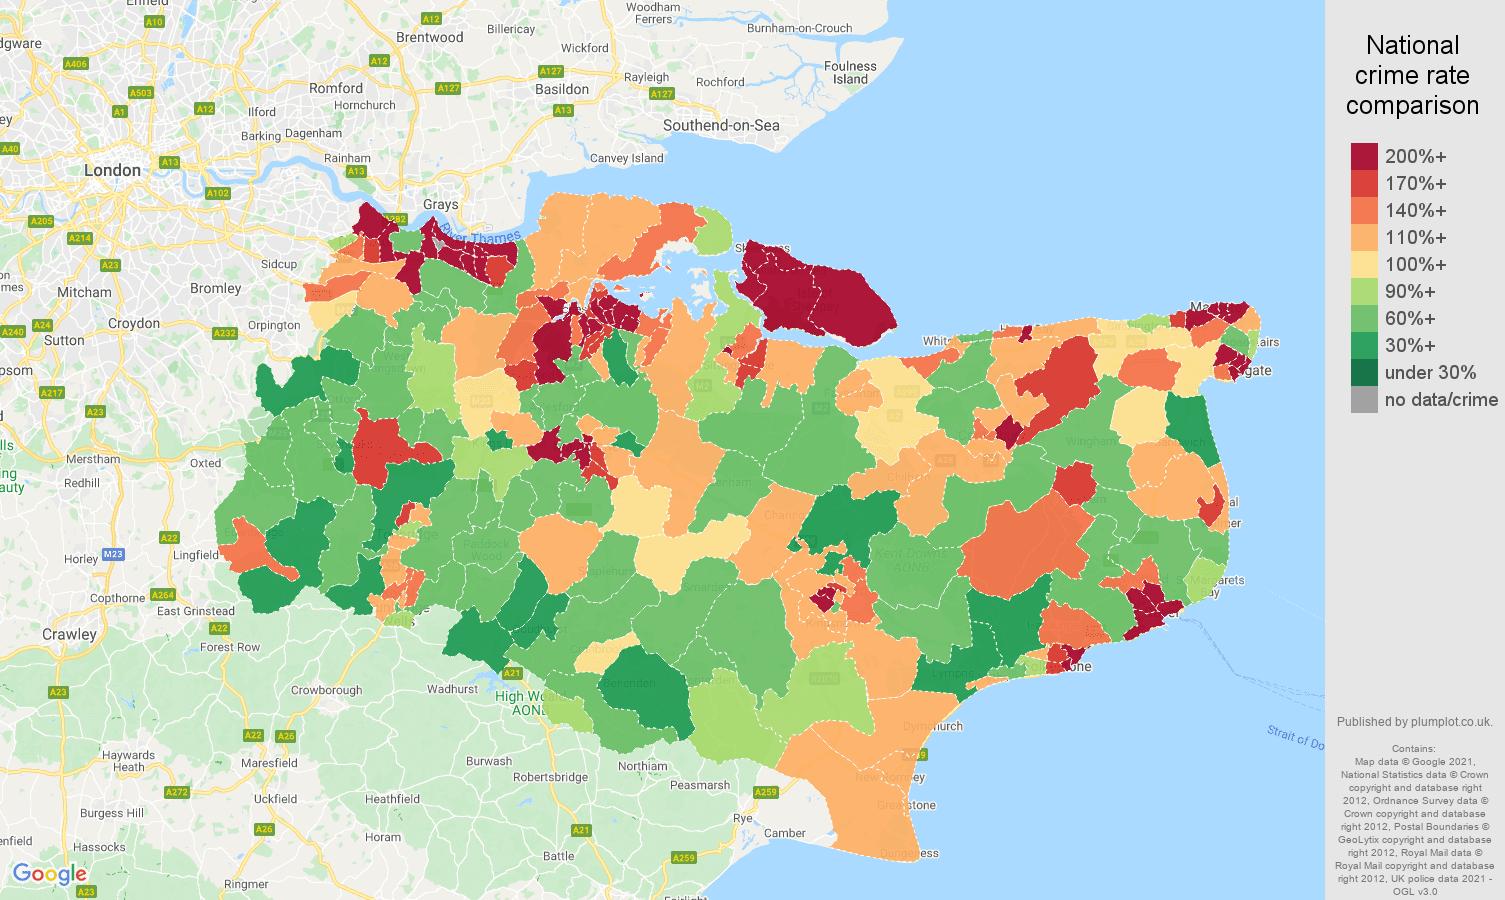 Kent violent crime rate comparison map